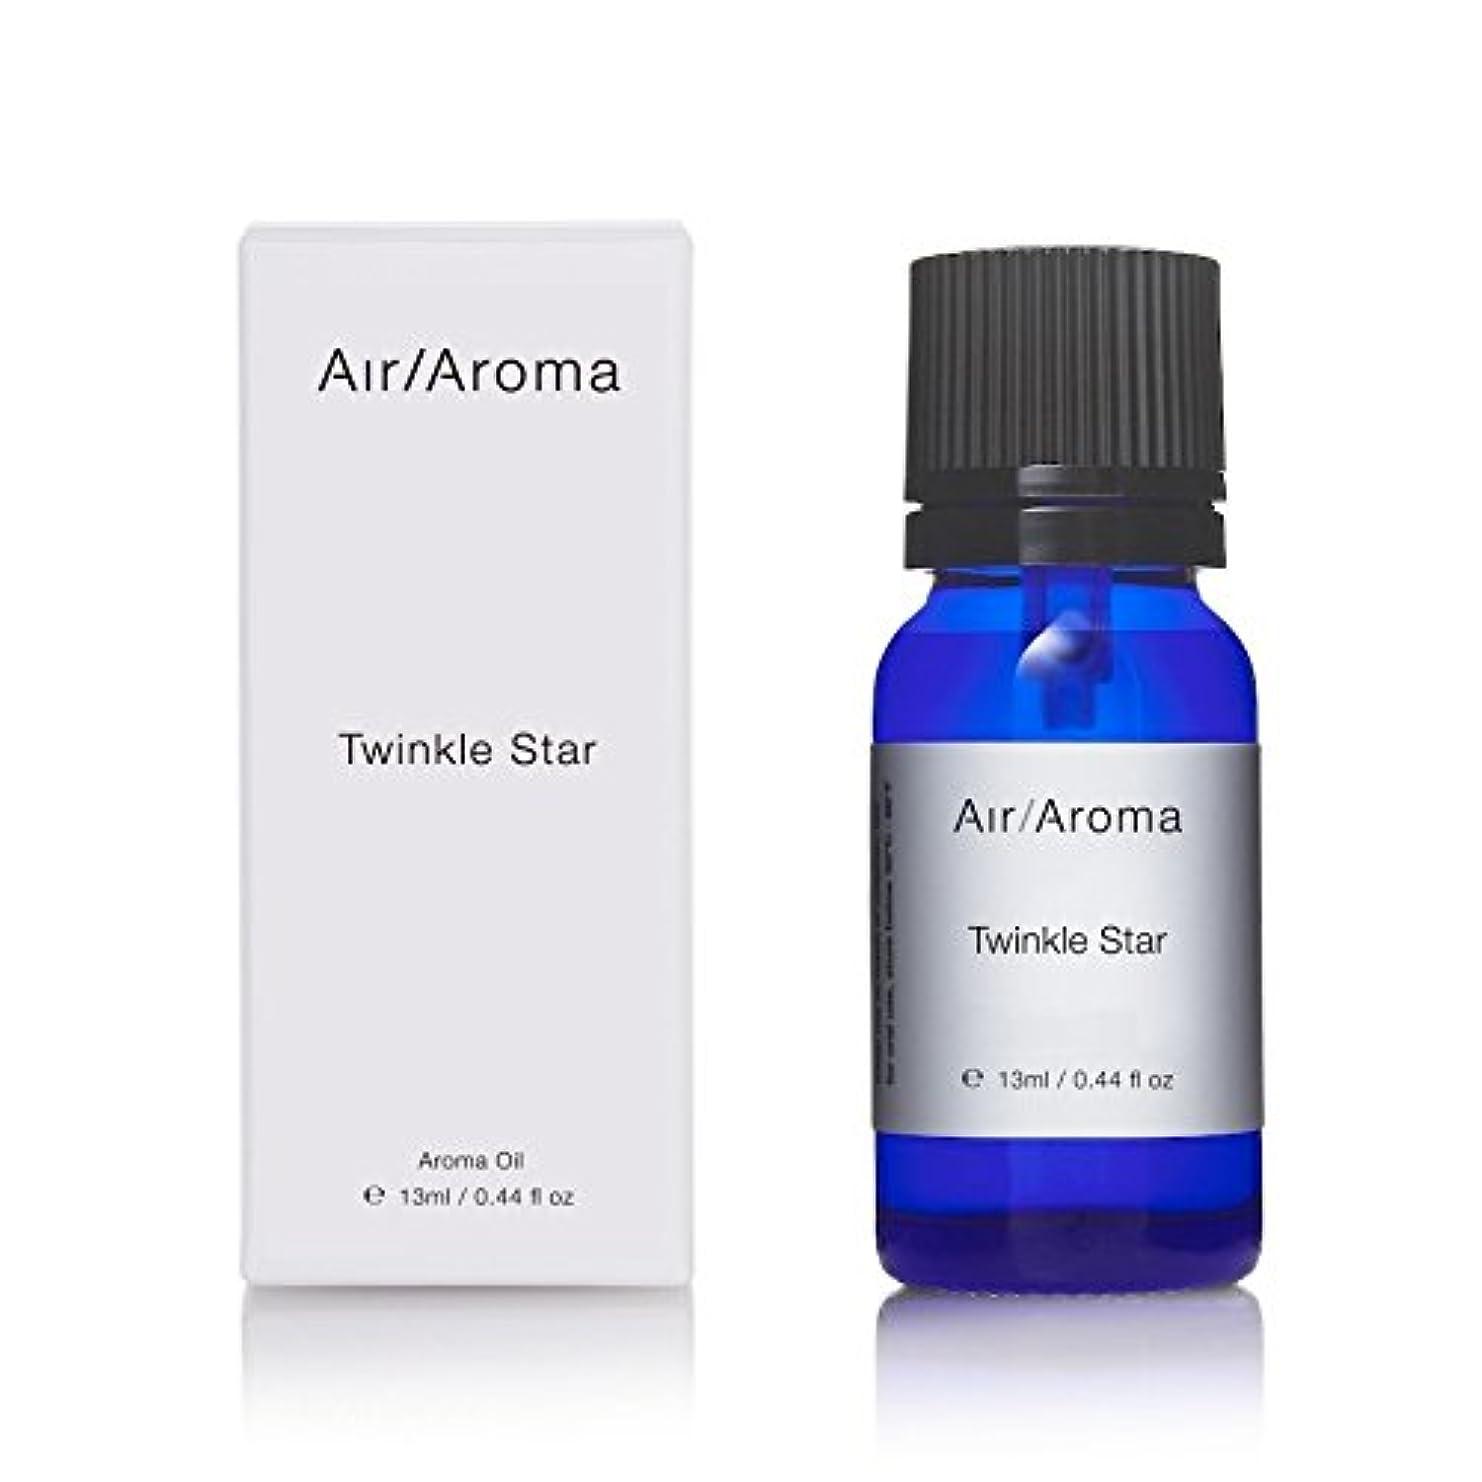 致死匿名長さエアアロマ twinkle star (トゥインクルスター) 13ml